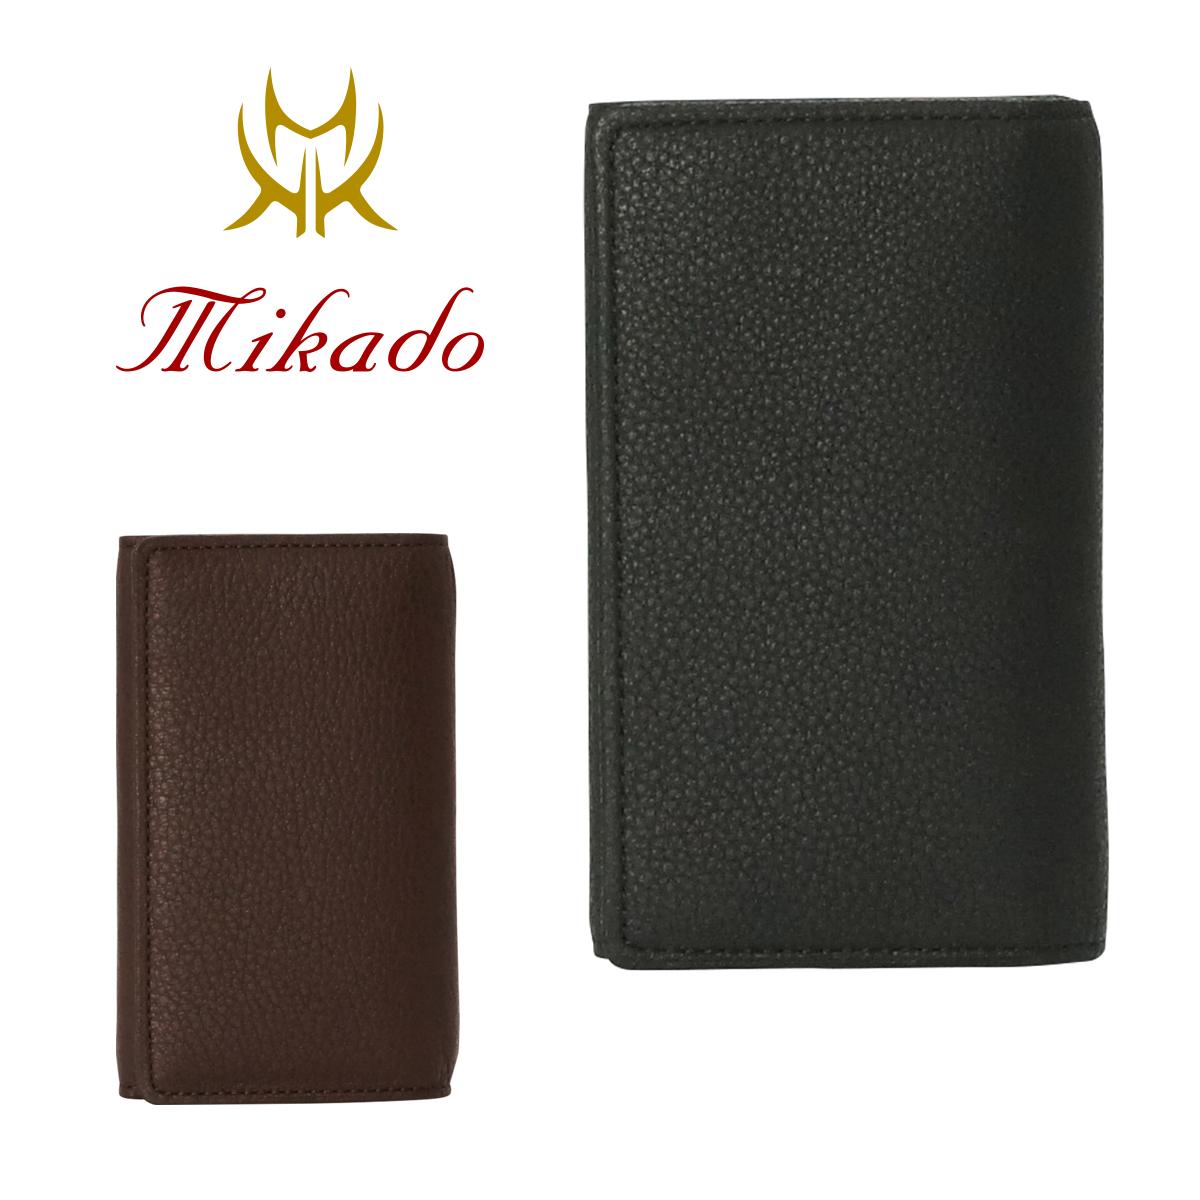 ミカド Mikado キーケース 312013 コンビヌメ 【 メンズ レザー 】[PO5][bef][即日発送]